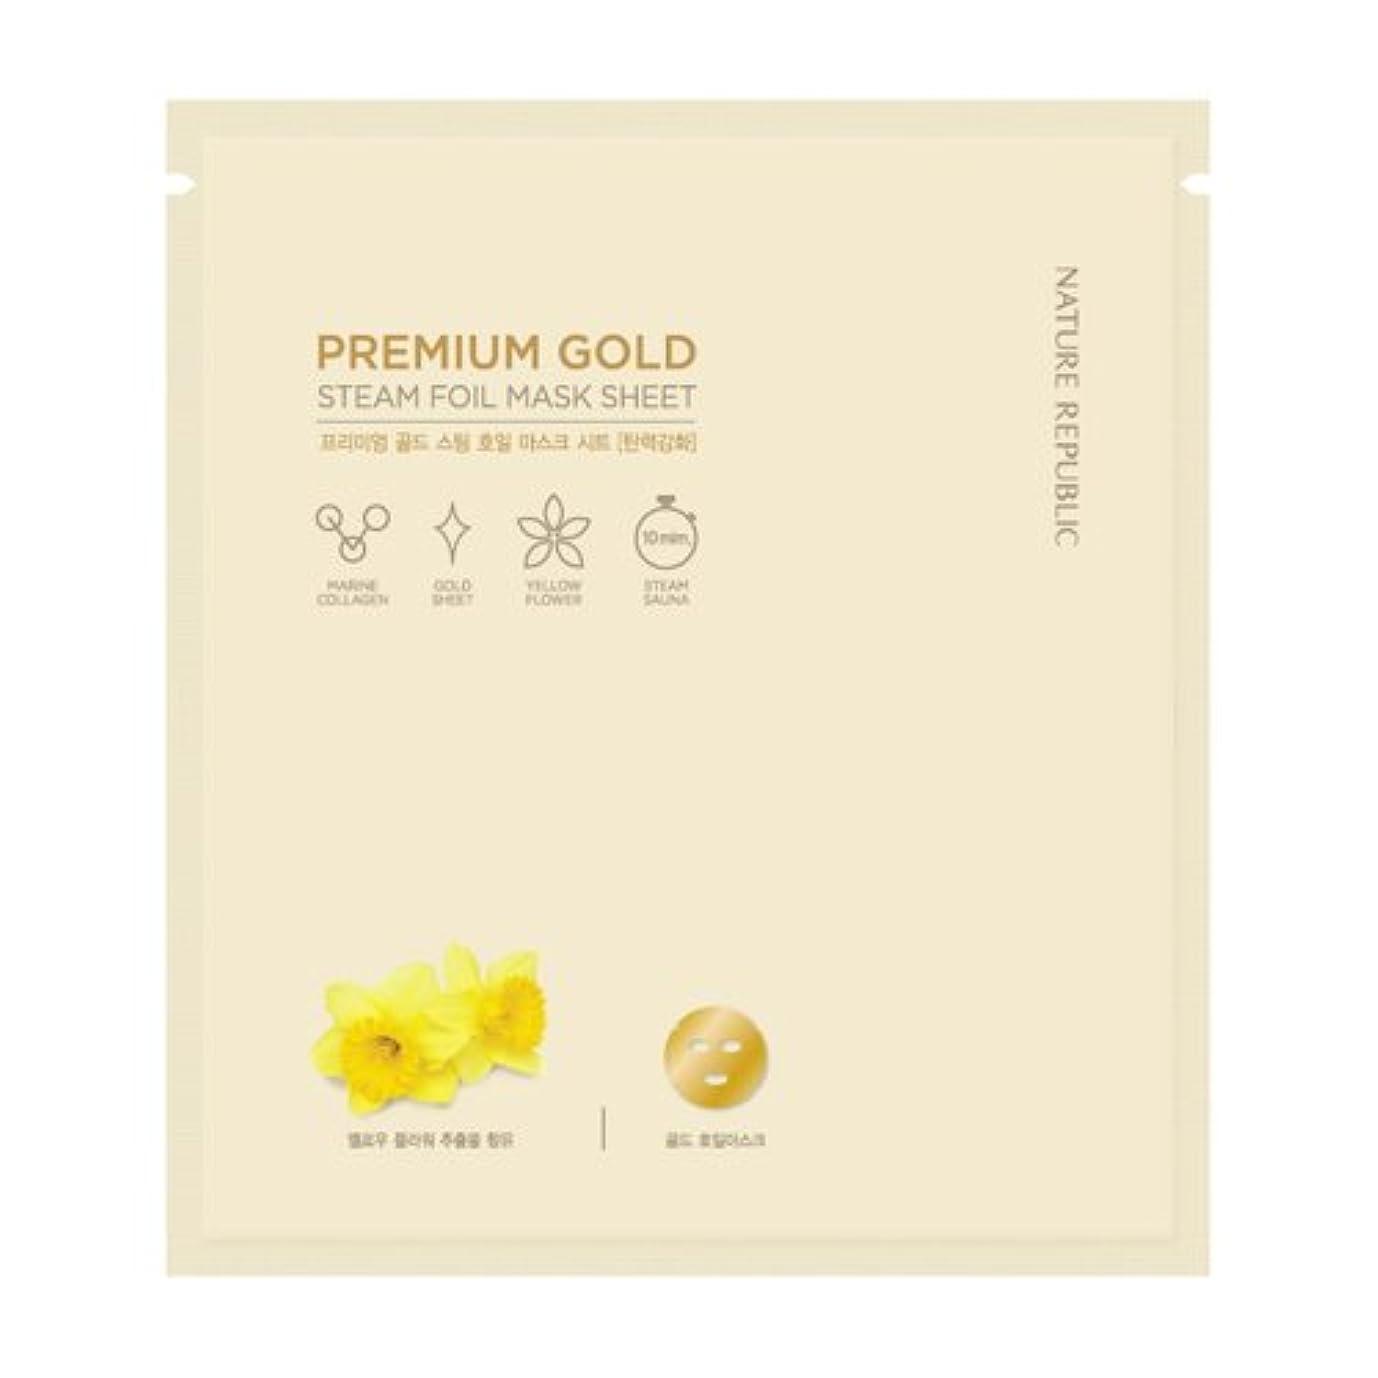 セミナー完璧ディンカルビルNature Republic Premium Gold Steam Foil Mask Sheet [5ea] ネーチャーリパブリック プレミアムゴールドスチームホイルマスクシート [5枚] [並行輸入品]